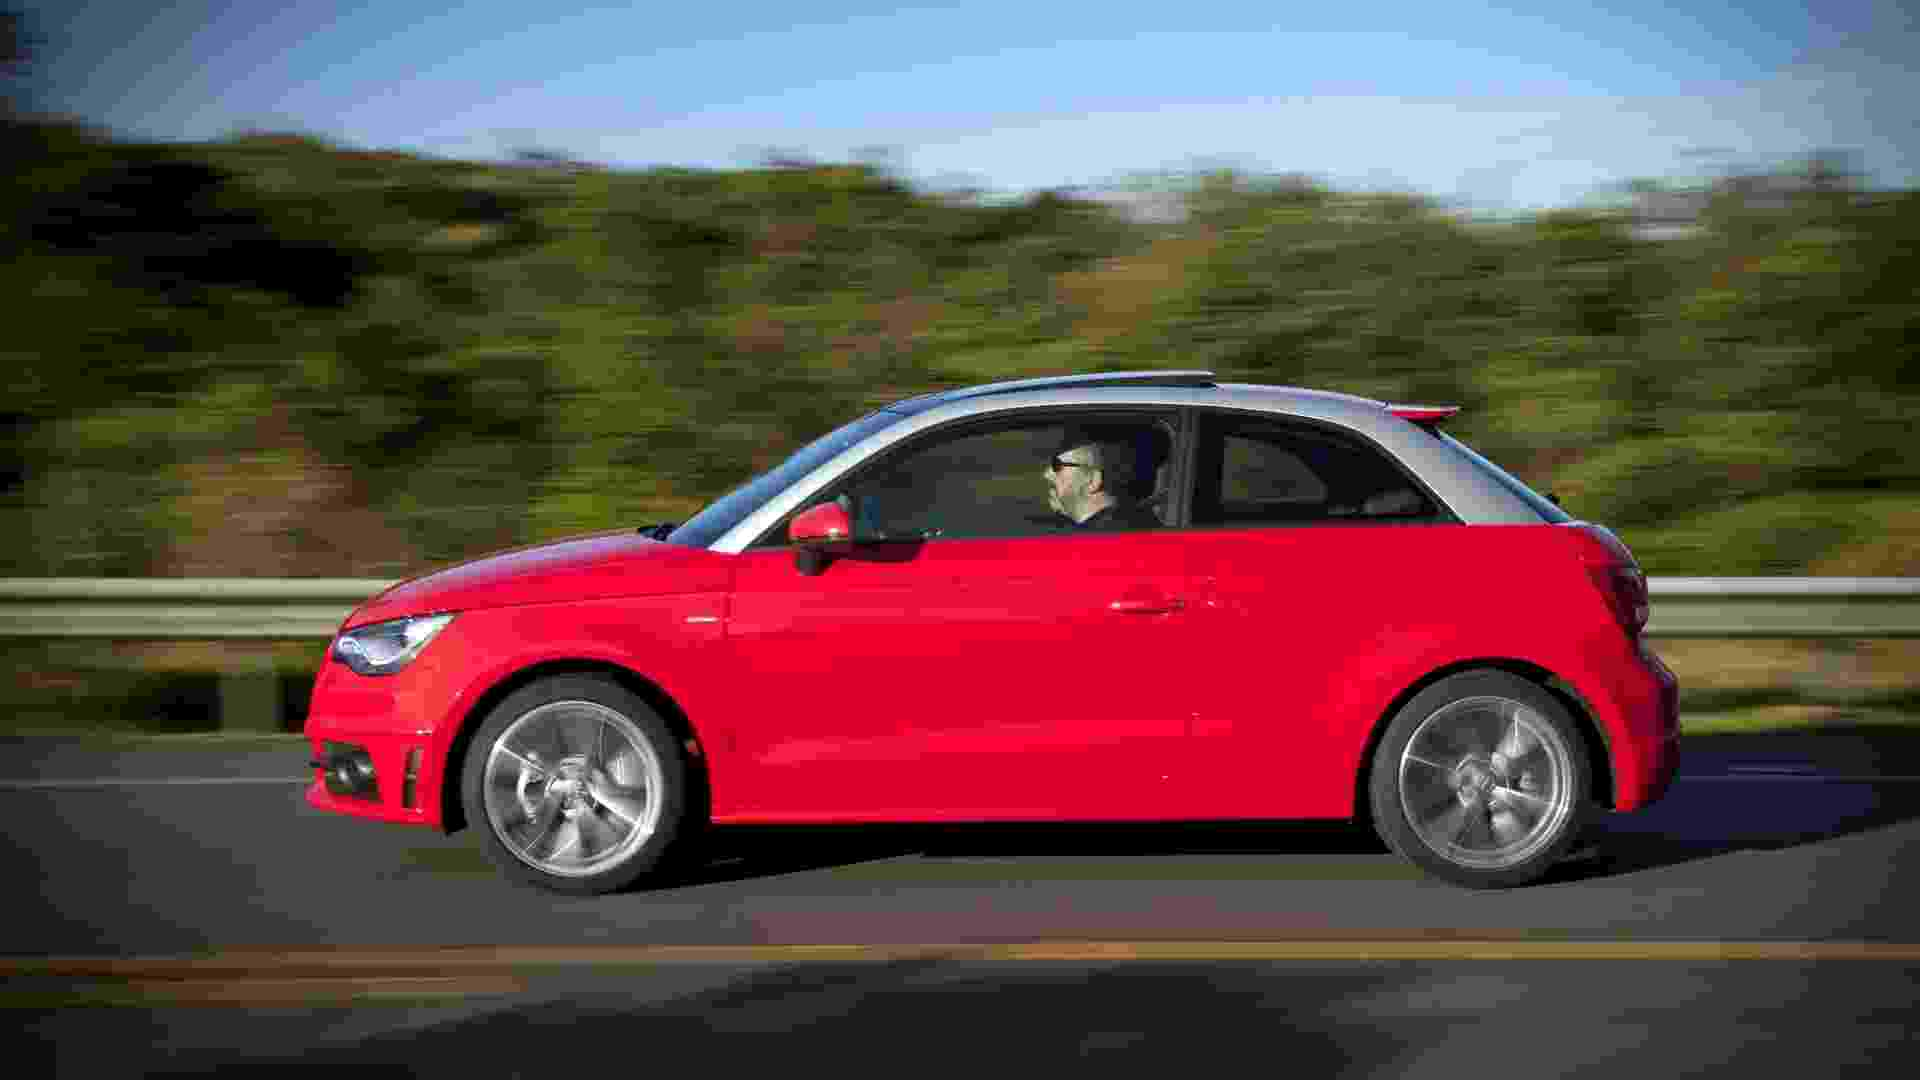 Novo A1 Sport é importado por R$ 109.900, R$ 15 mil mais caro que o A1 civil - Divulgação